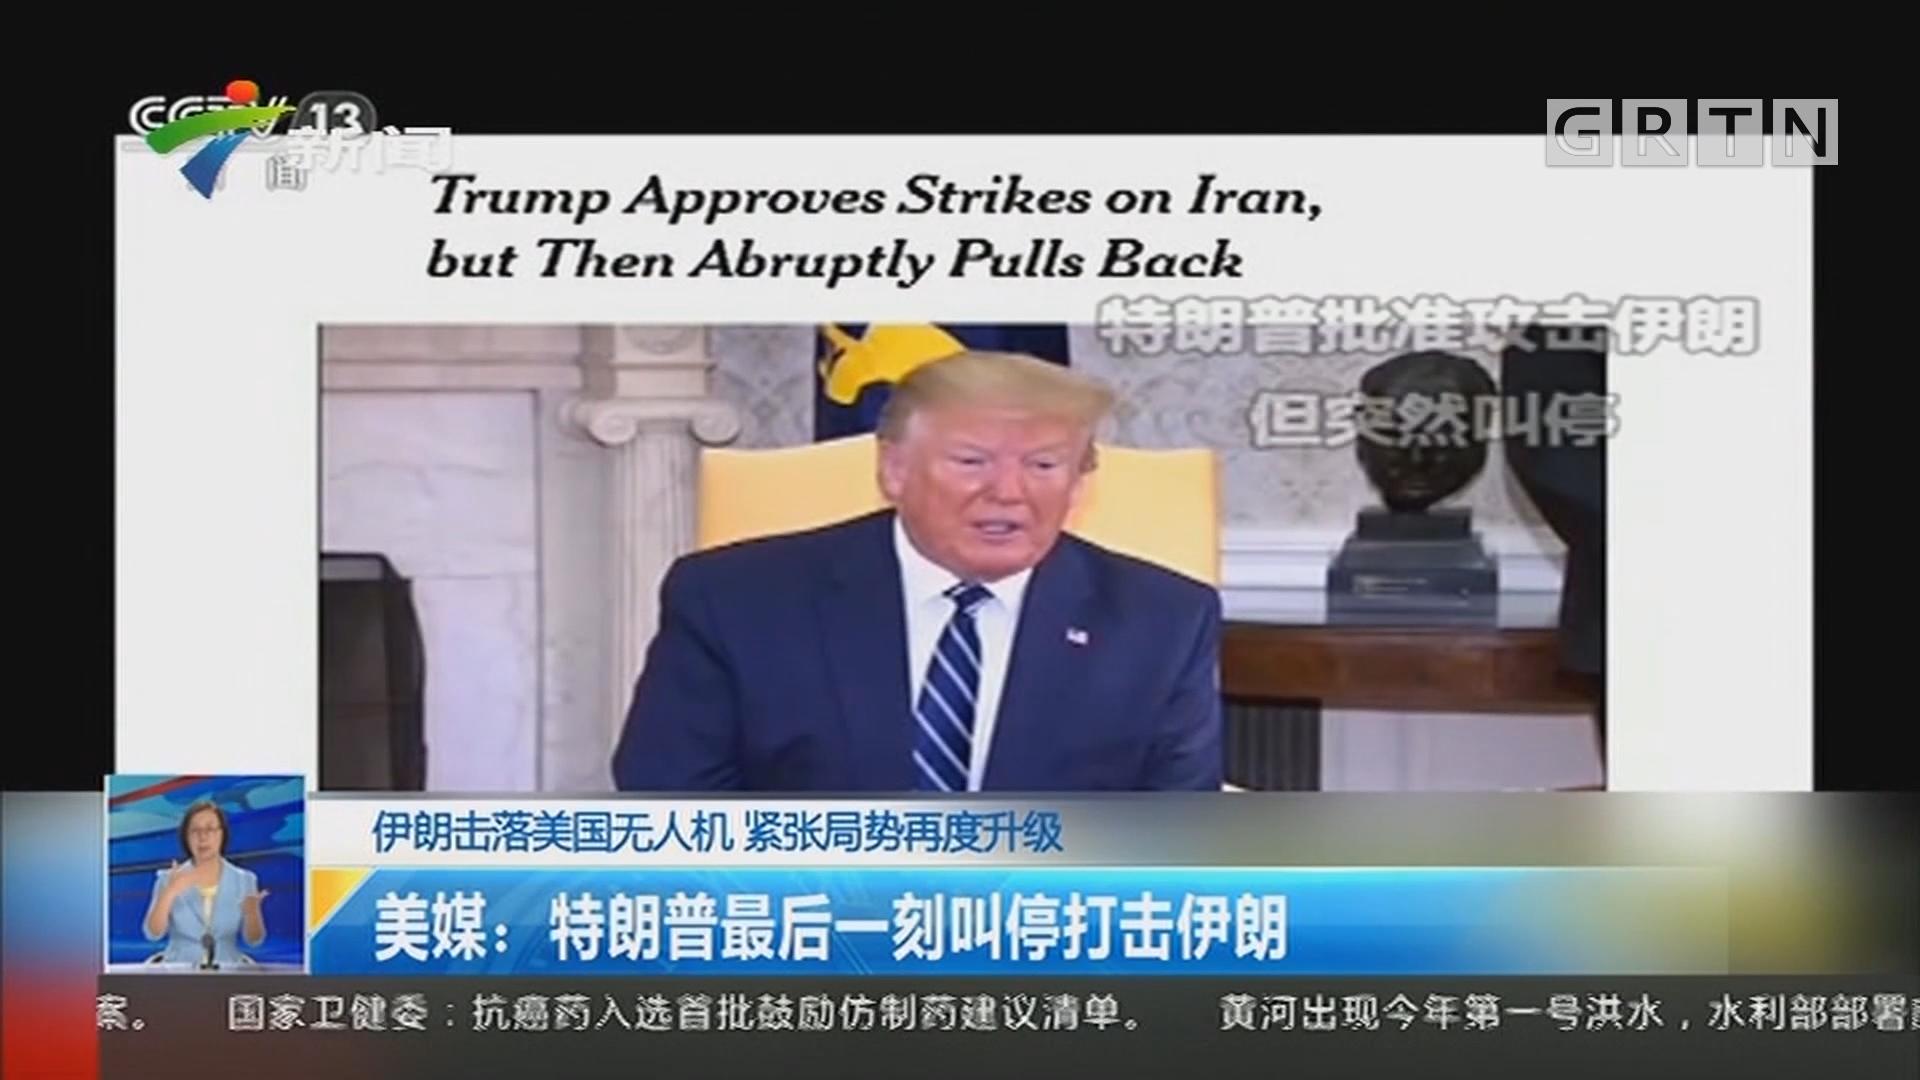 伊朗击落美国无人机 紧张局势再度升级 美媒:特朗普最后一刻叫停打击伊朗